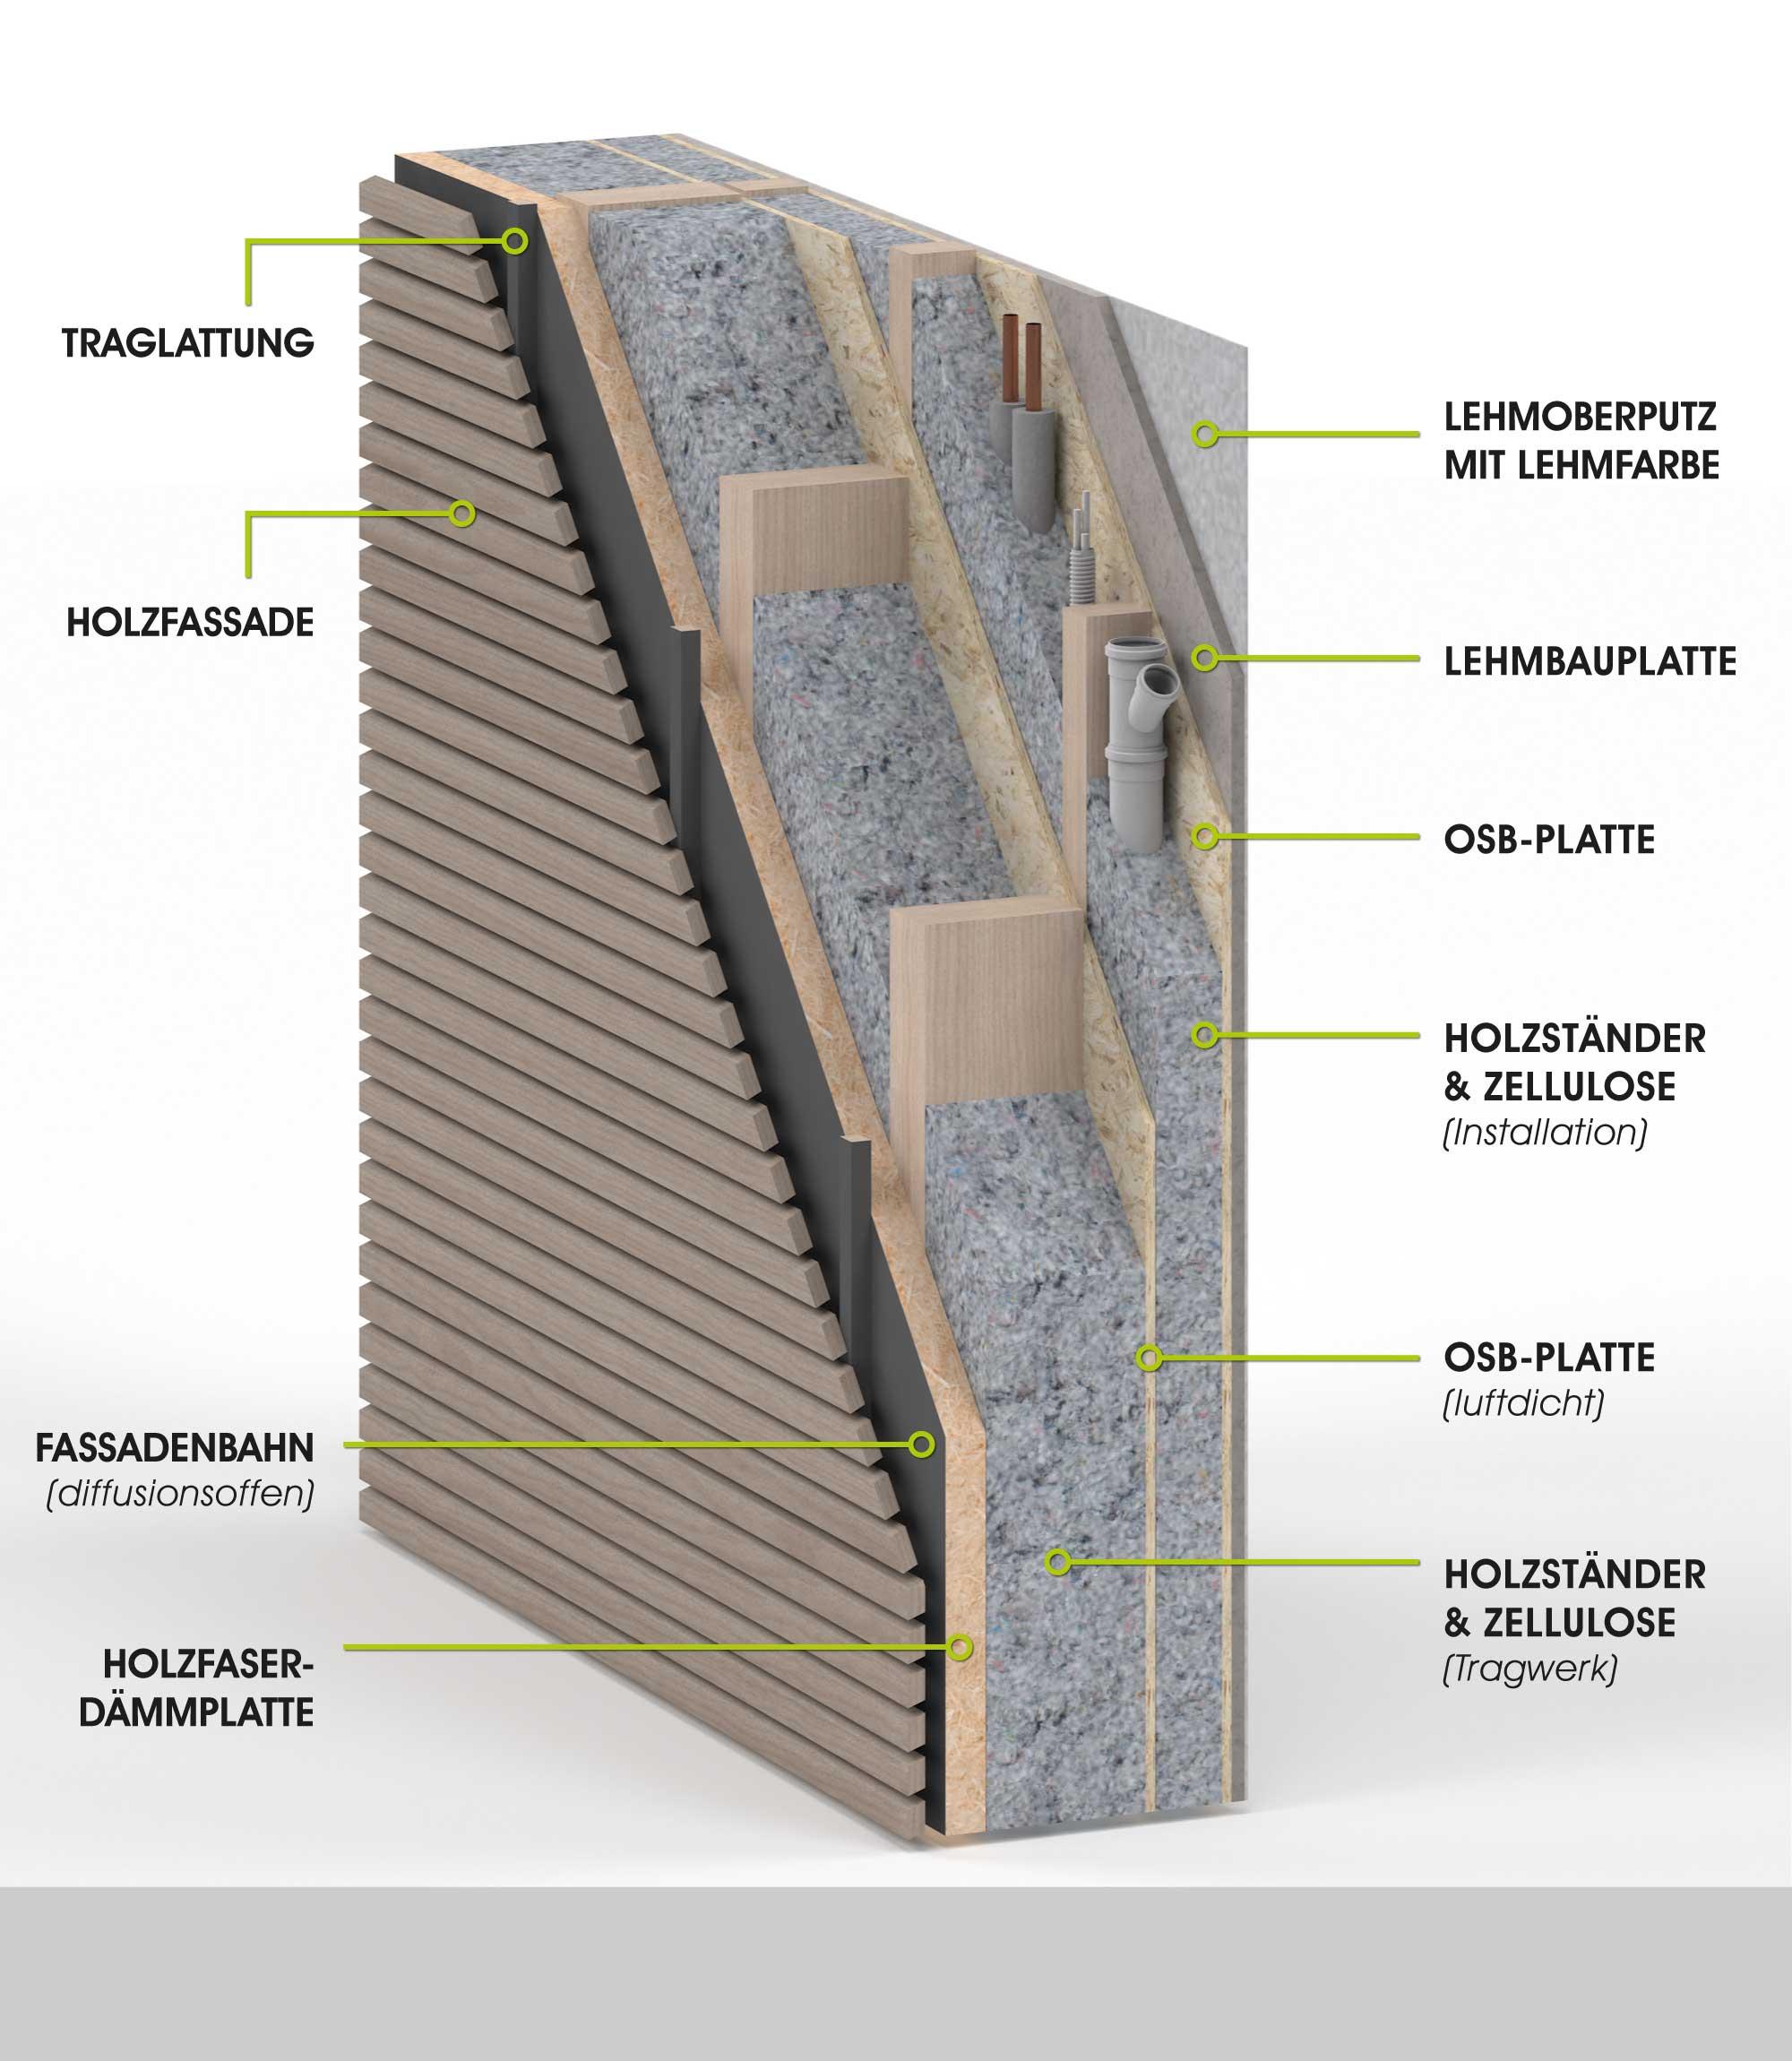 Holzlamellenfassade Konstruktion bau grün konstruktion holz